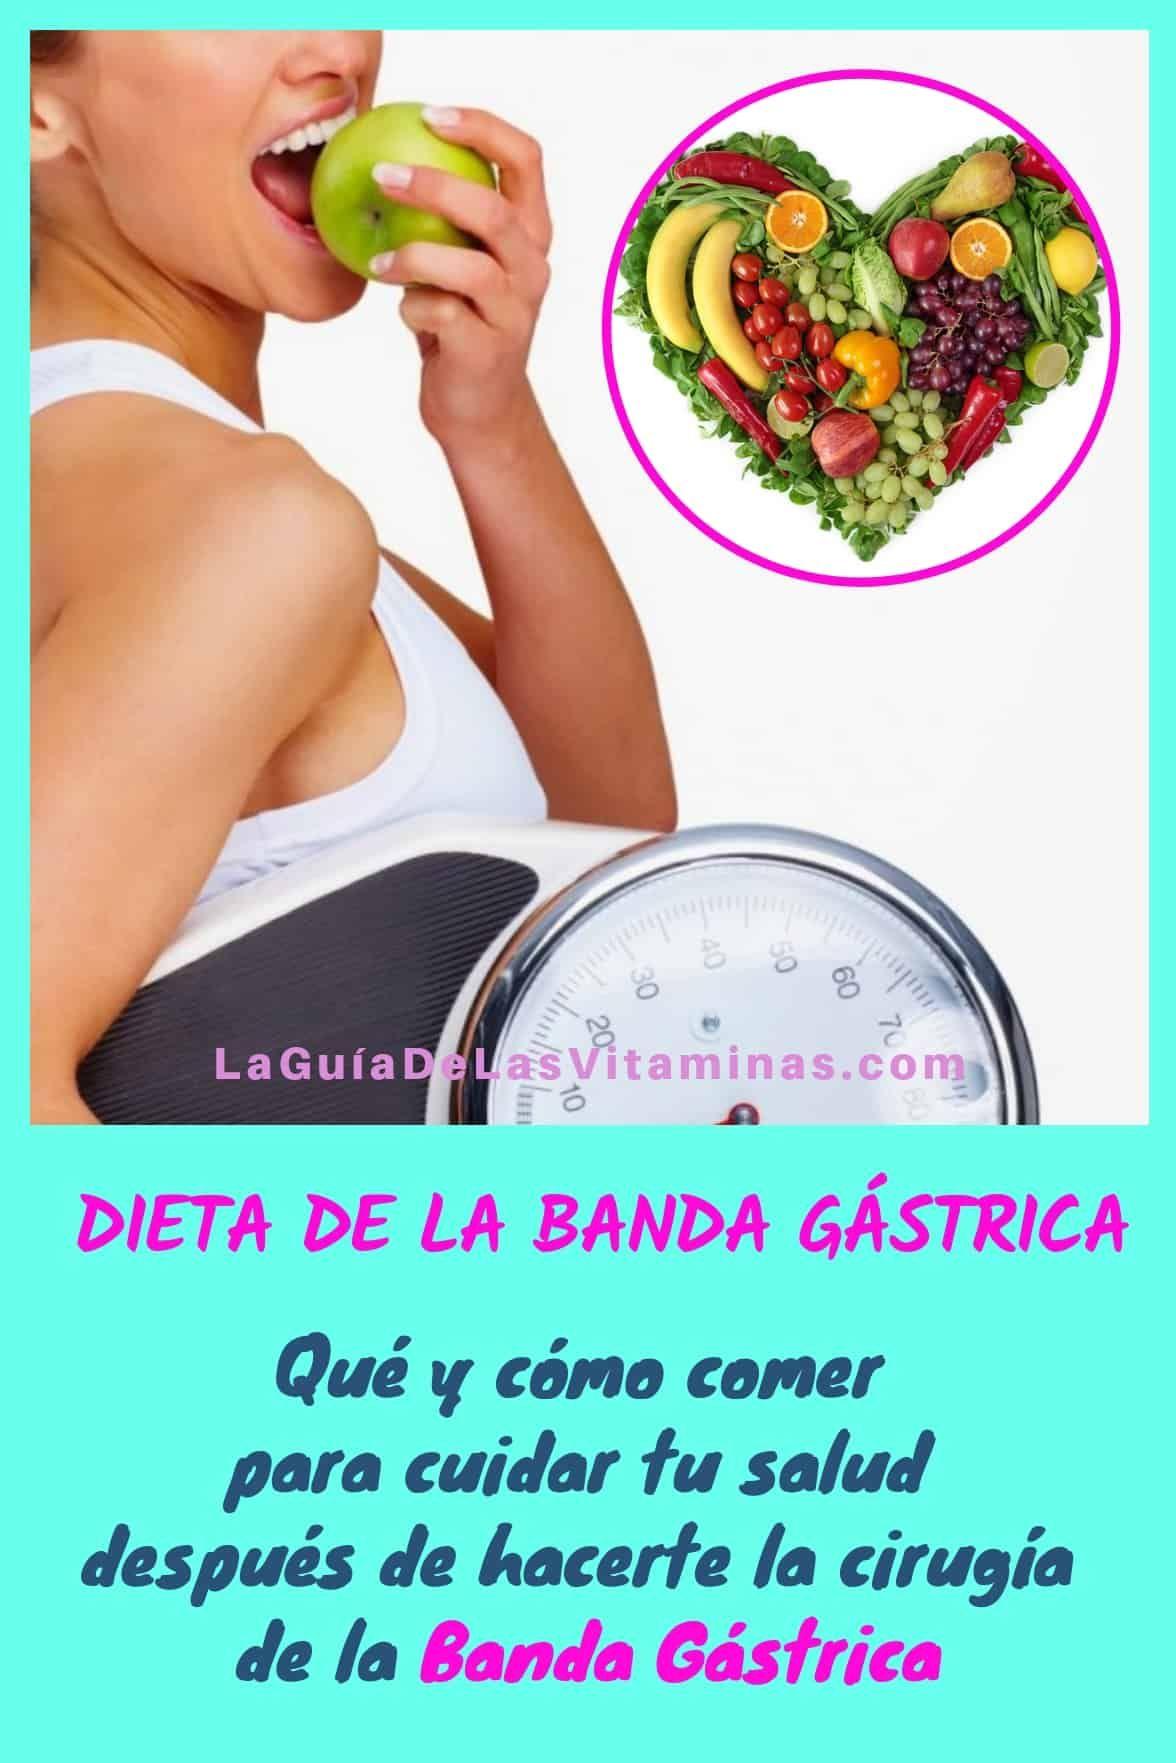 Dieta De La Manga Gástrica Que Comer Después De La Cirugía La Guía De Las Vitaminas Biometrics Food